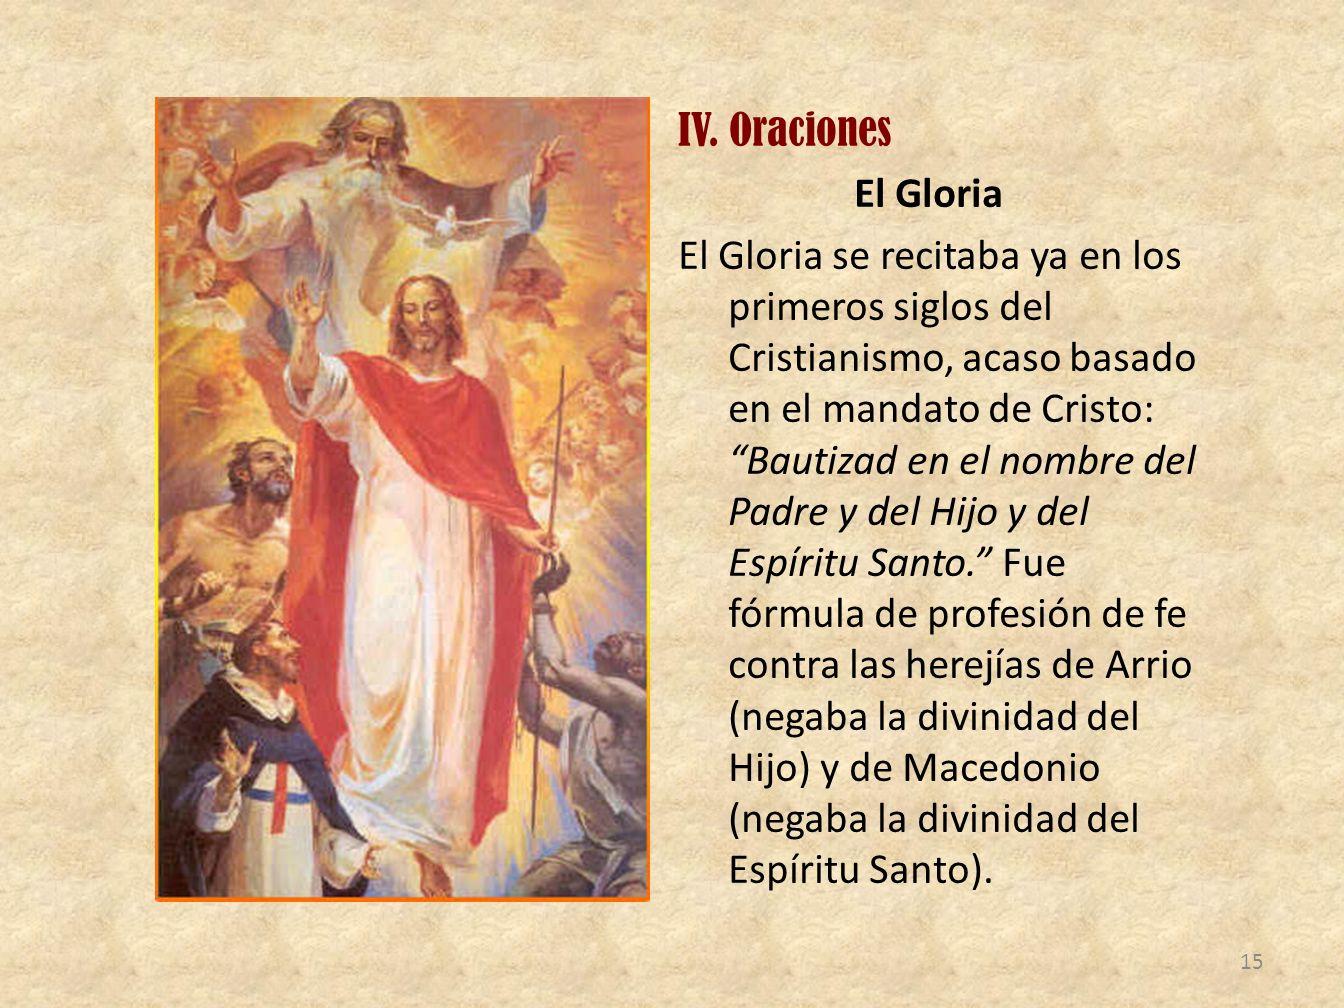 IV. Oraciones El Gloria El Gloria se recitaba ya en los primeros siglos del Cristianismo, acaso basado en el mandato de Cristo: Bautizad en el nombre